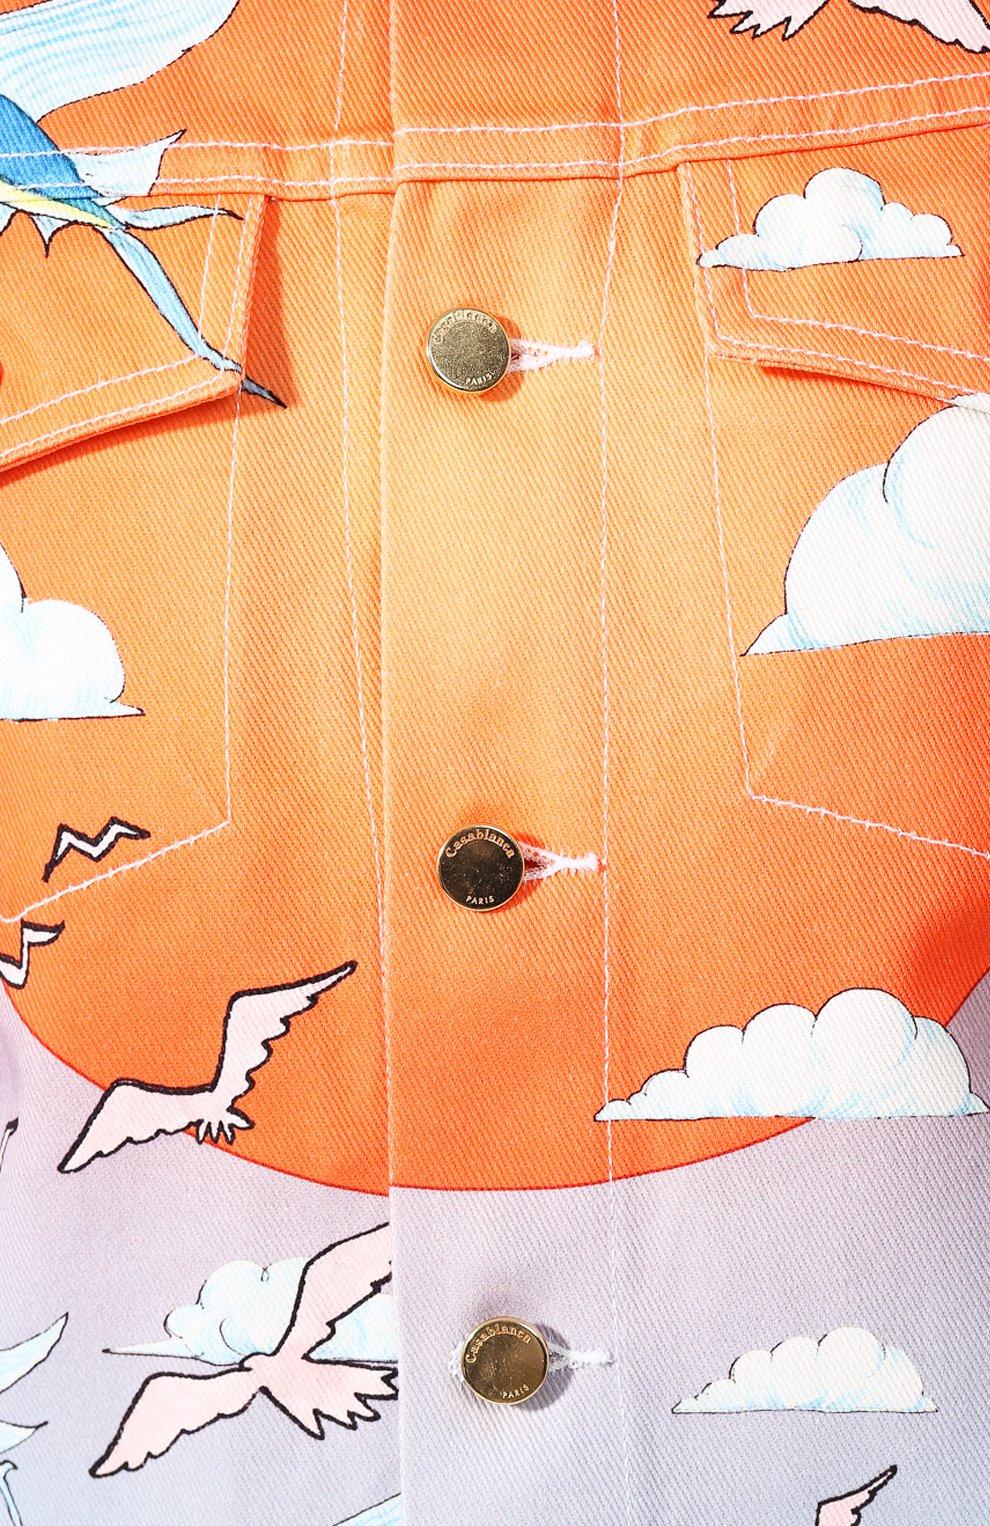 Мужская джинсовая куртка CASABLANCA разноцветного цвета, арт. MS20-JK-003 CASABLANCA SPEED B0AT CLUB JACKET | Фото 5